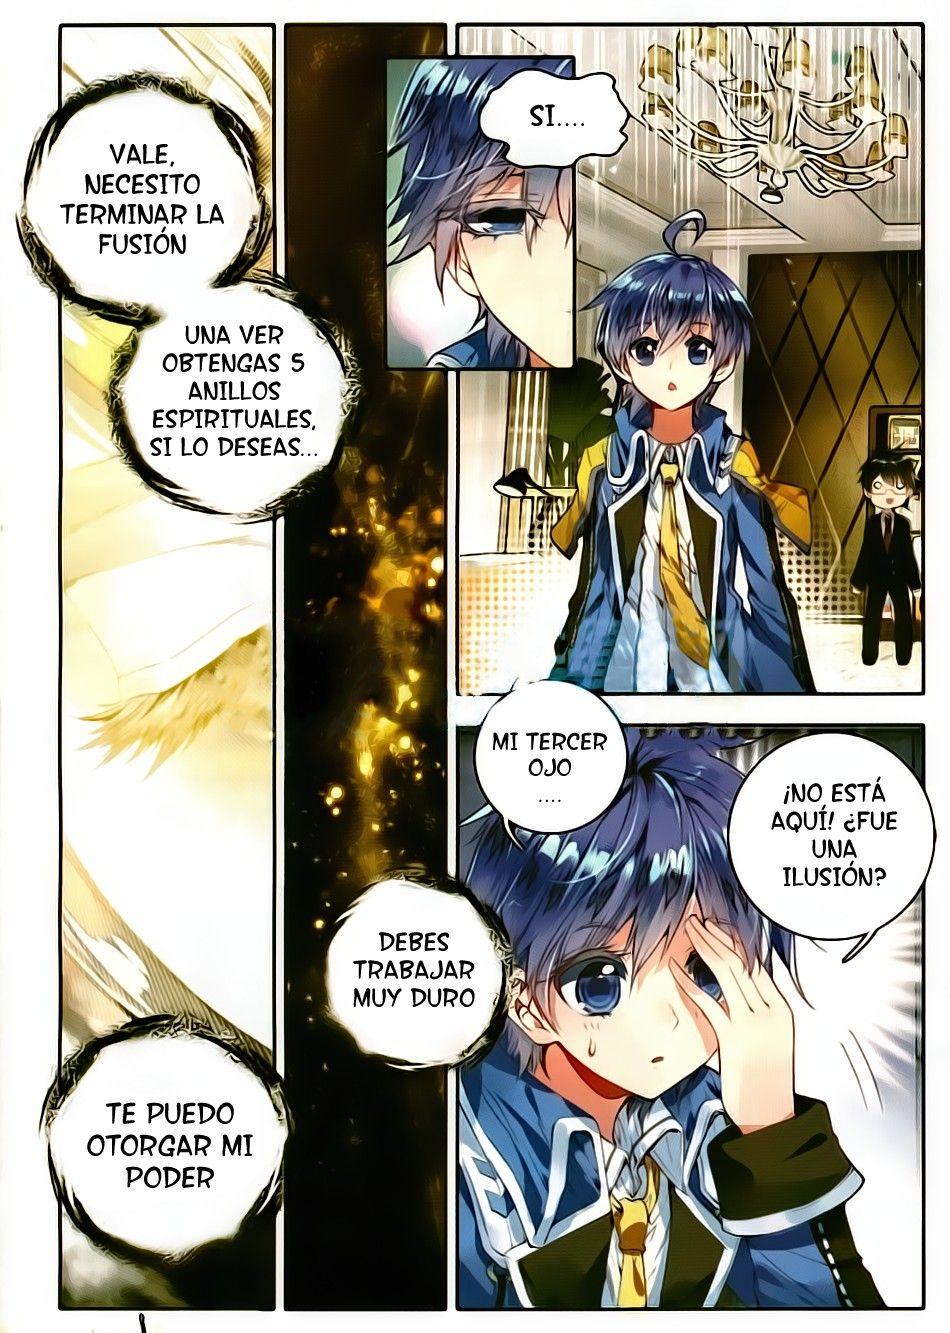 http://c5.ninemanga.com/es_manga/pic2/33/16417/511292/04f7ff09d6b324ac79c9f5f57b384b12.jpg Page 3